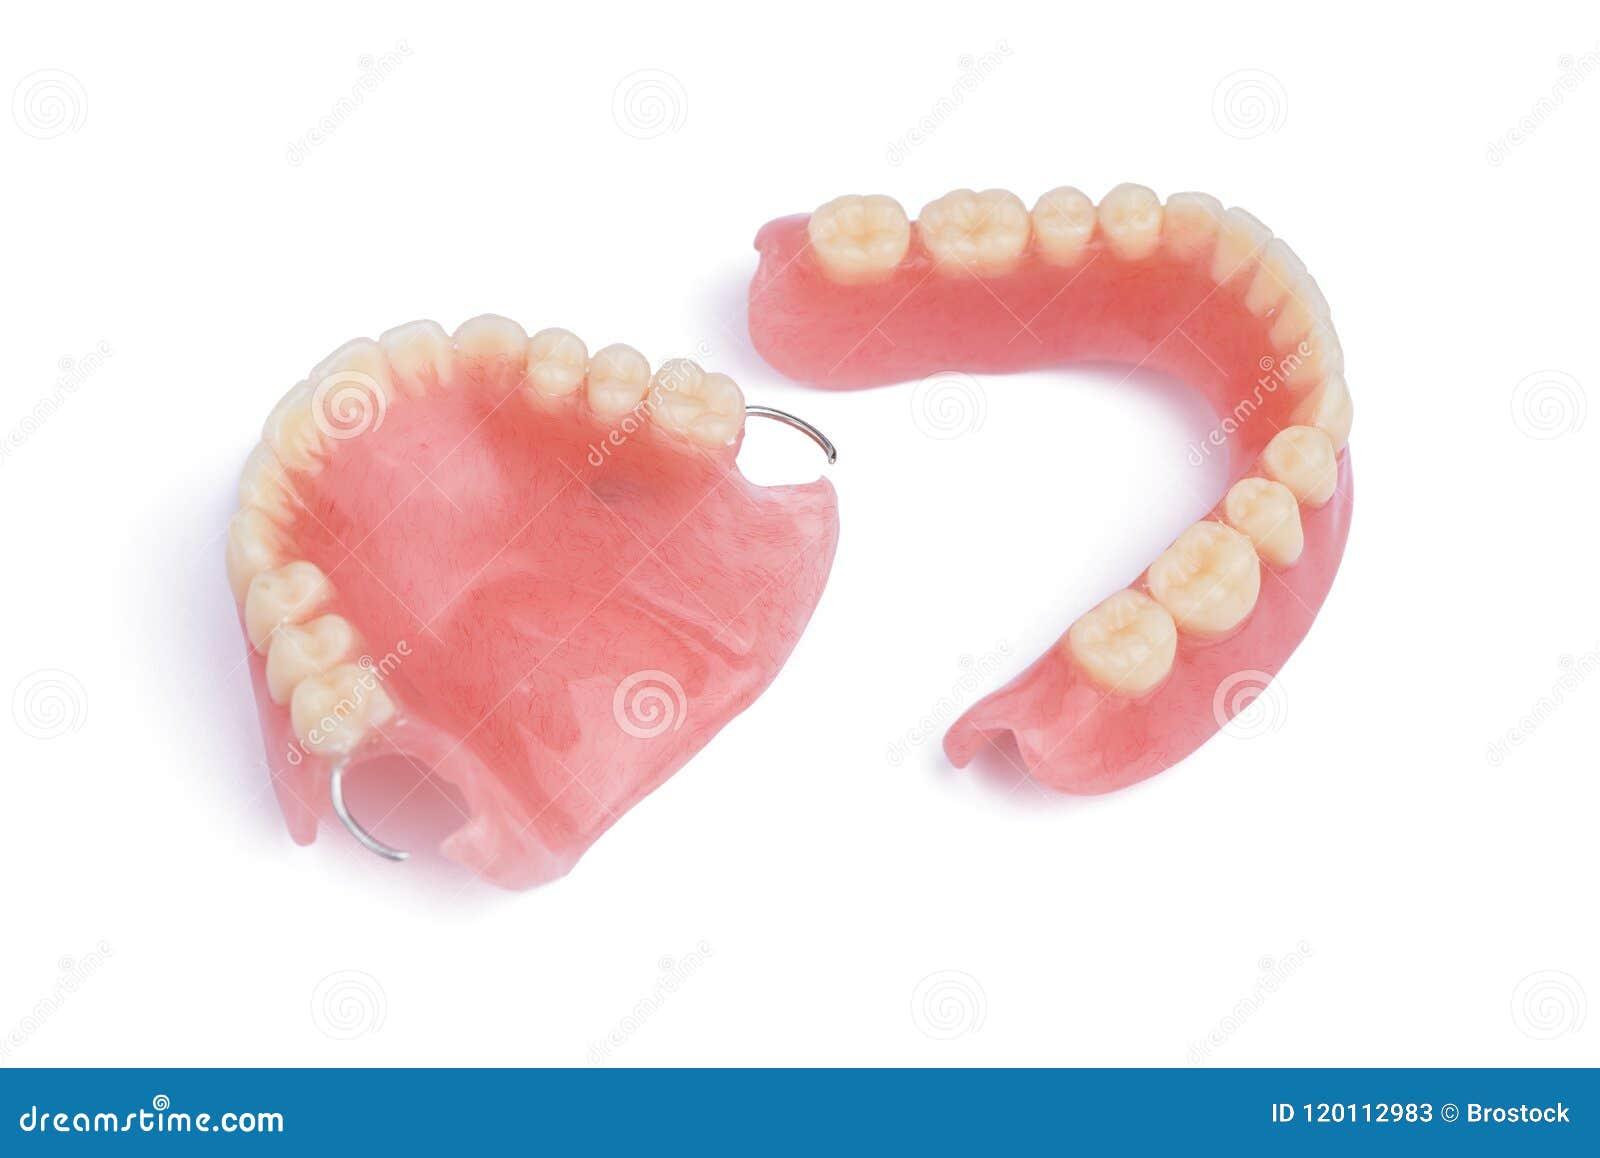 Conjunto completo de dientes falsos